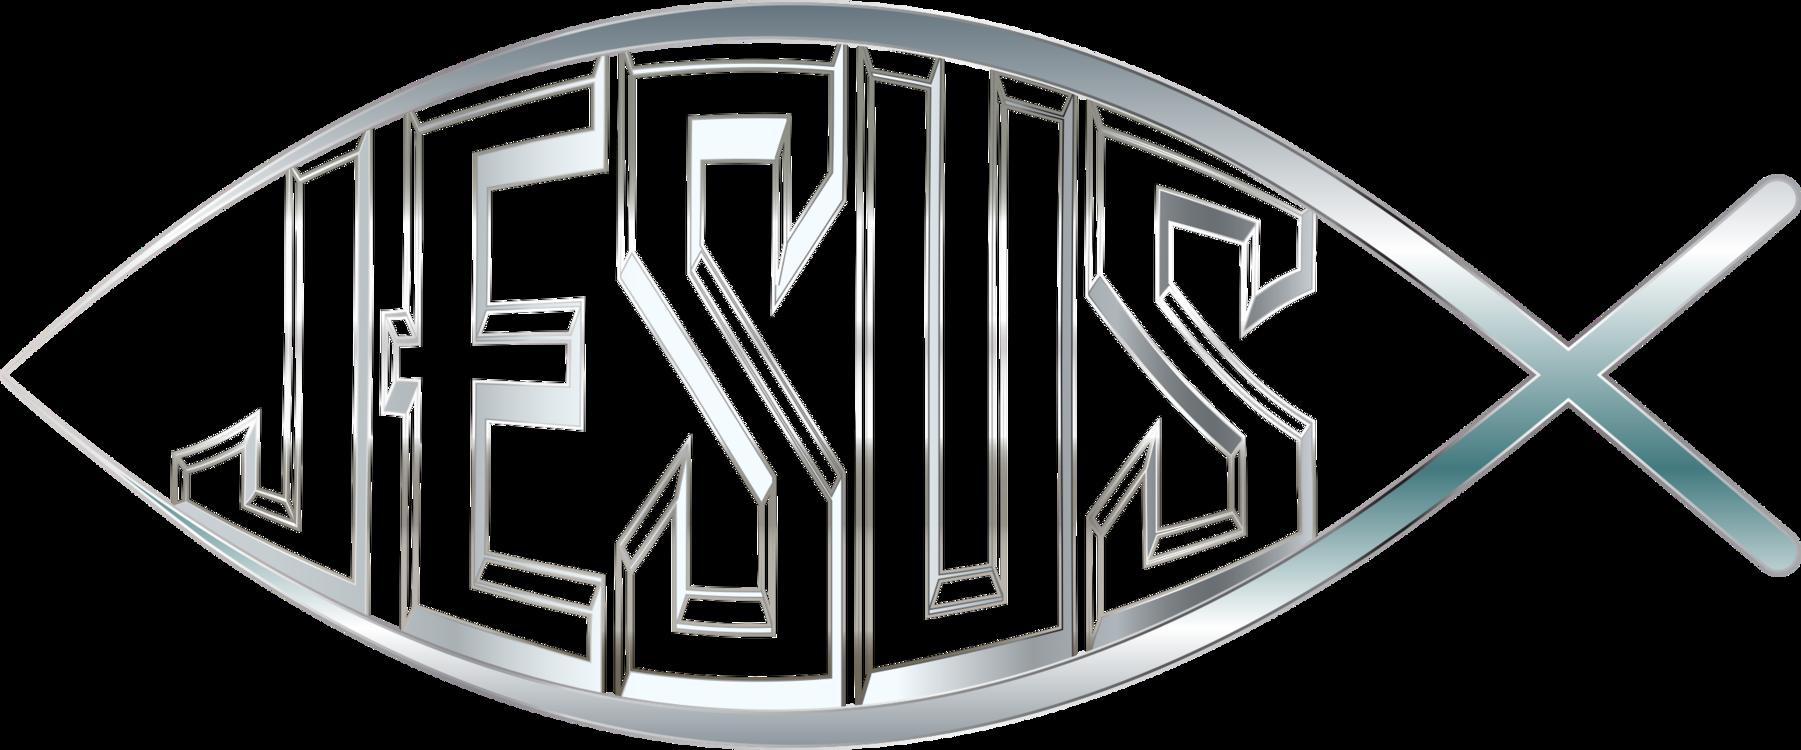 Oval,Logo,Ichthys